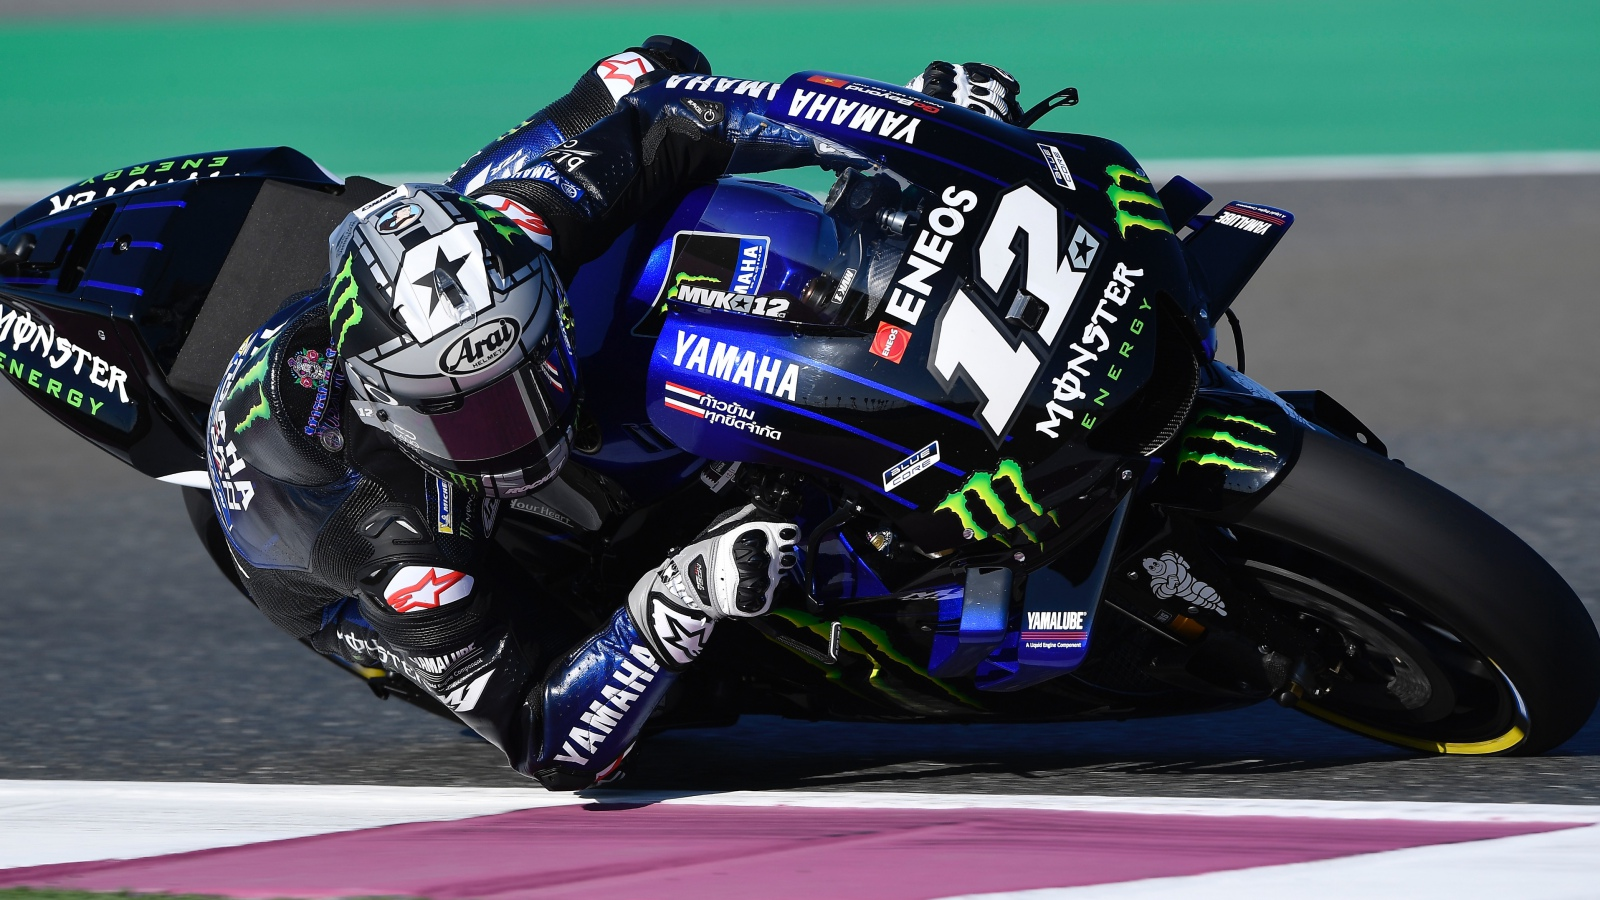 Maverick Viñales hace la pole de MotoGP en Qatar ante Andrea Dovizioso y Marc Márquez